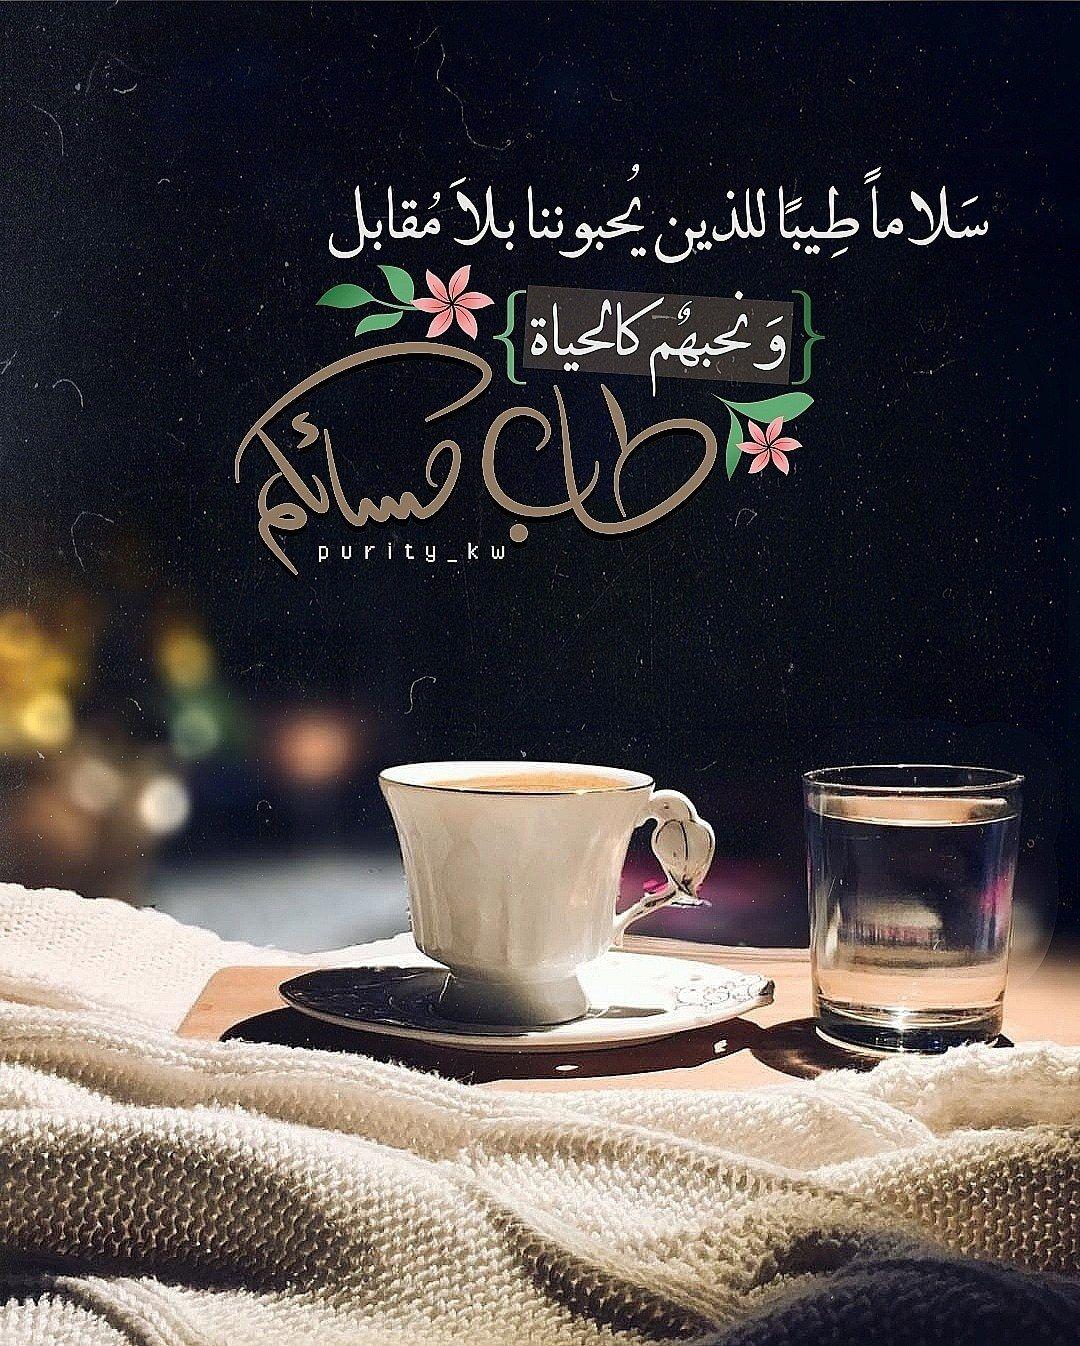 س لاما ط ـيب ا للذين ي حبوننا بلا م قابل و نحبه م كالحياة طاب مساؤكم Good Evening Greetings Good Morning Arabic Good Evening Wishes